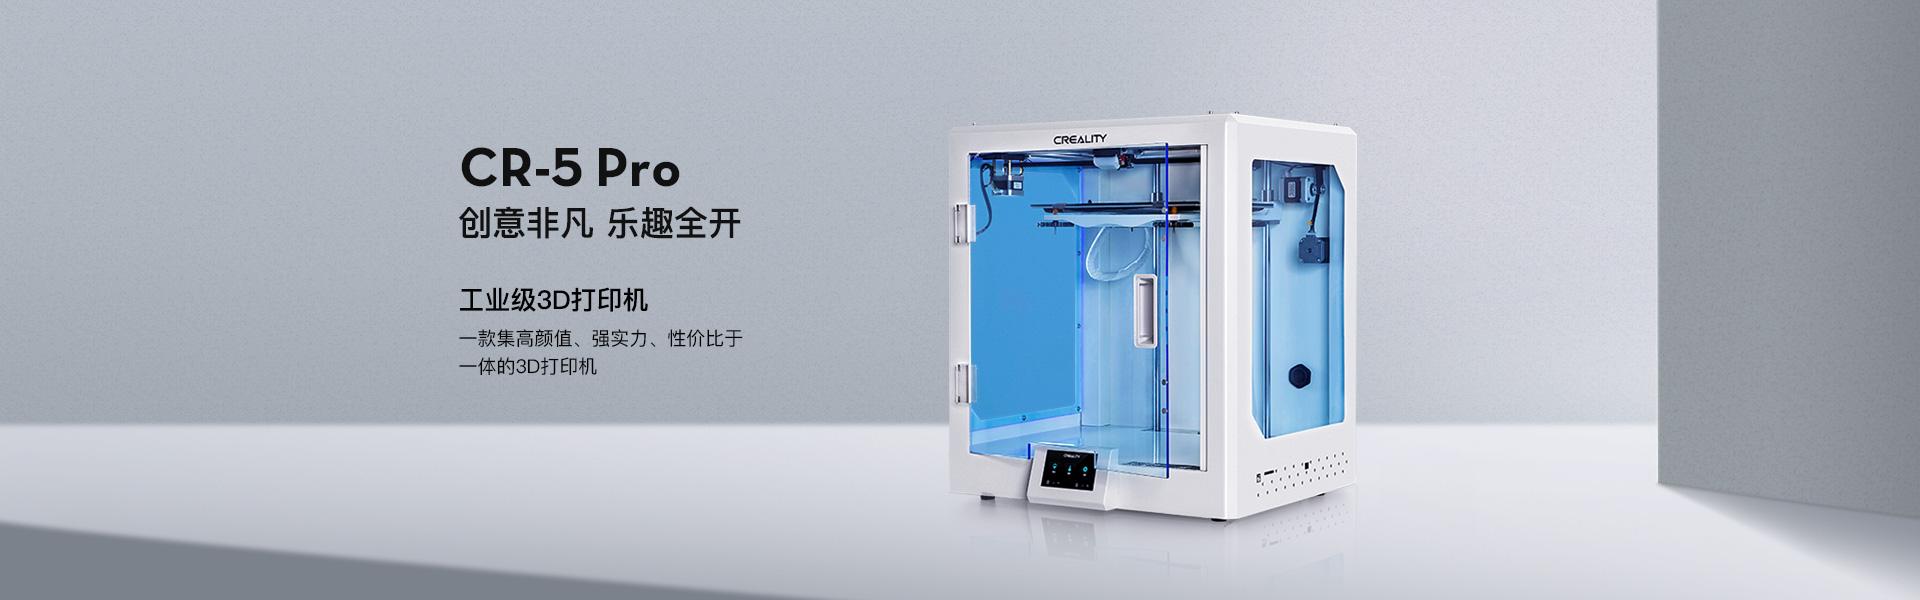 工业级和桌面级3D打印机有哪些不一样的地方